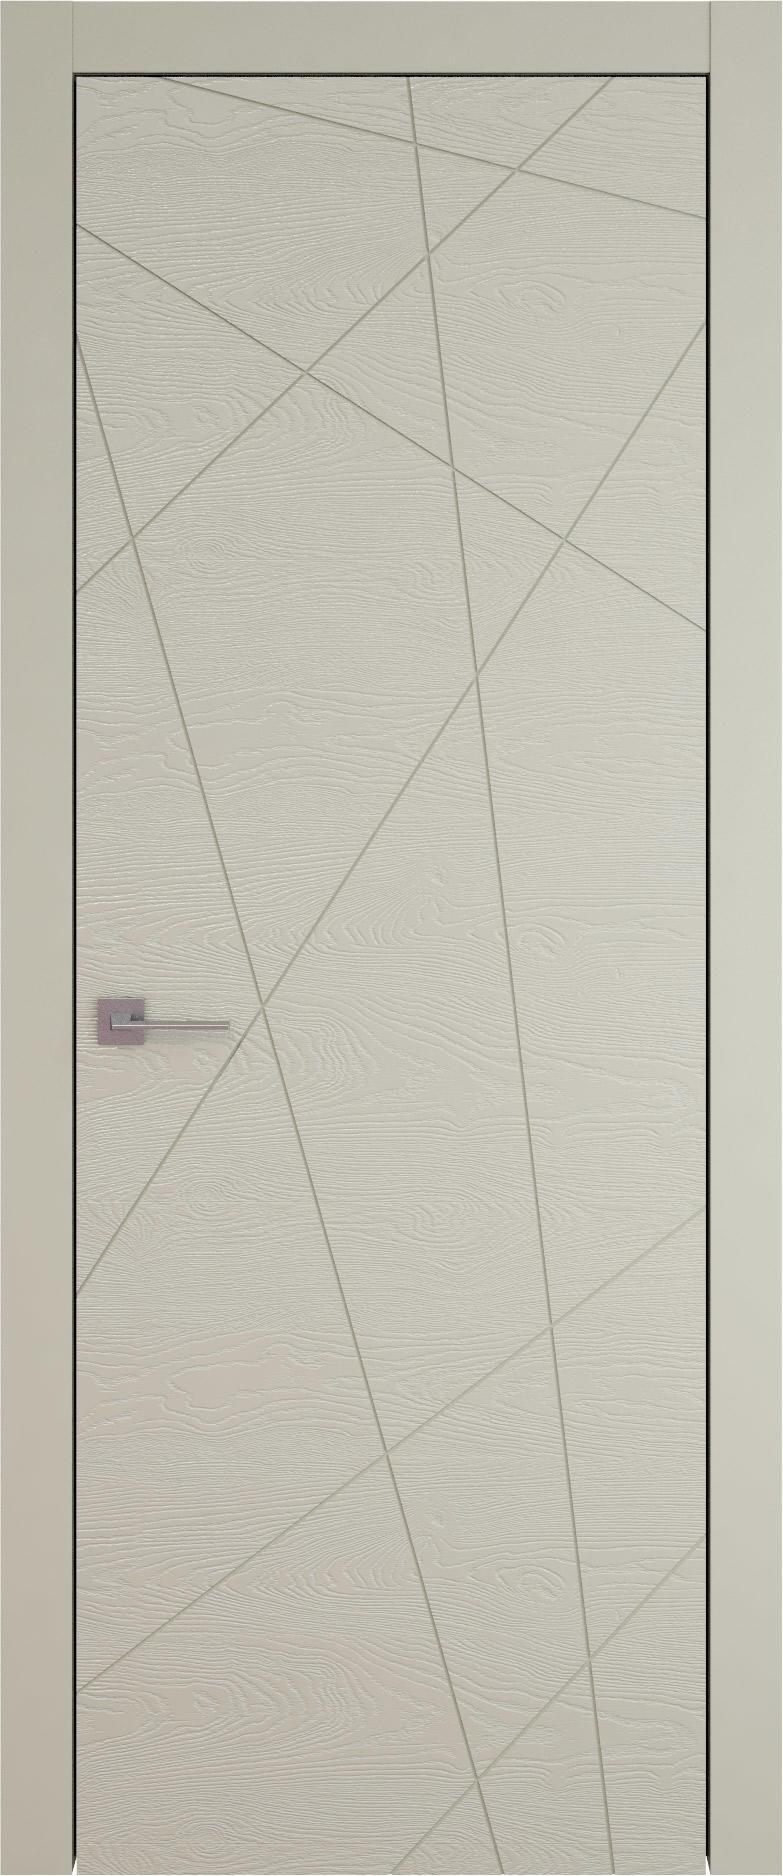 Tivoli В-5 цвет - Серо-оливковая эмаль по шпону (RAL 7032) Без стекла (ДГ)